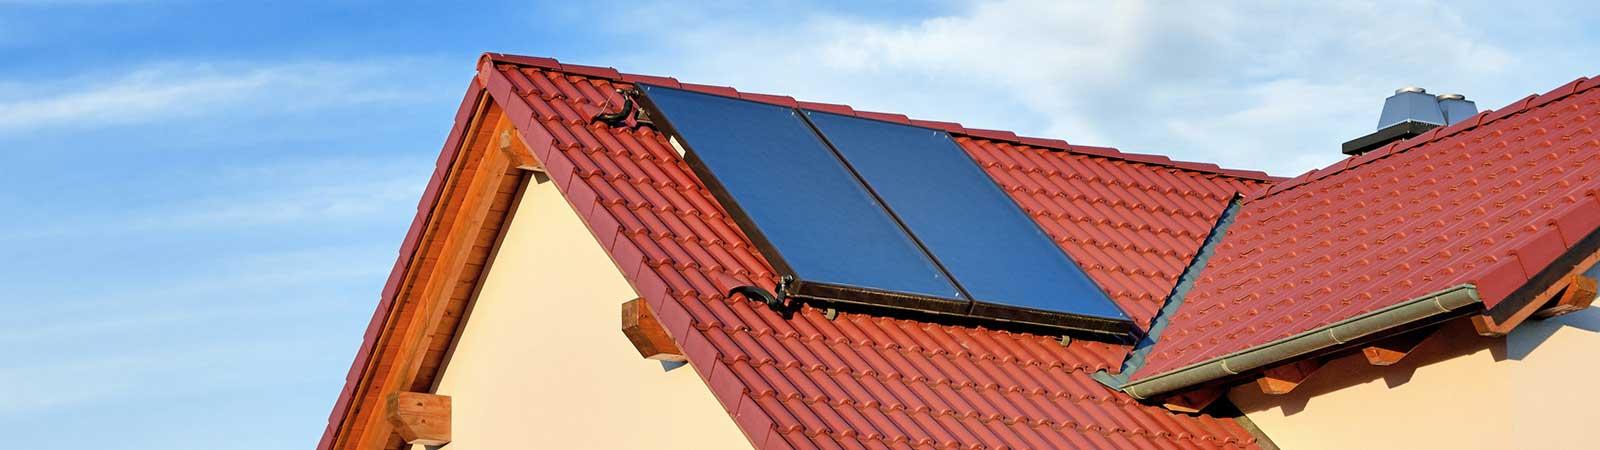 Solaranlagen: Mit Sonnenenergie umweltbewusst Strom und Wärme erzeugen